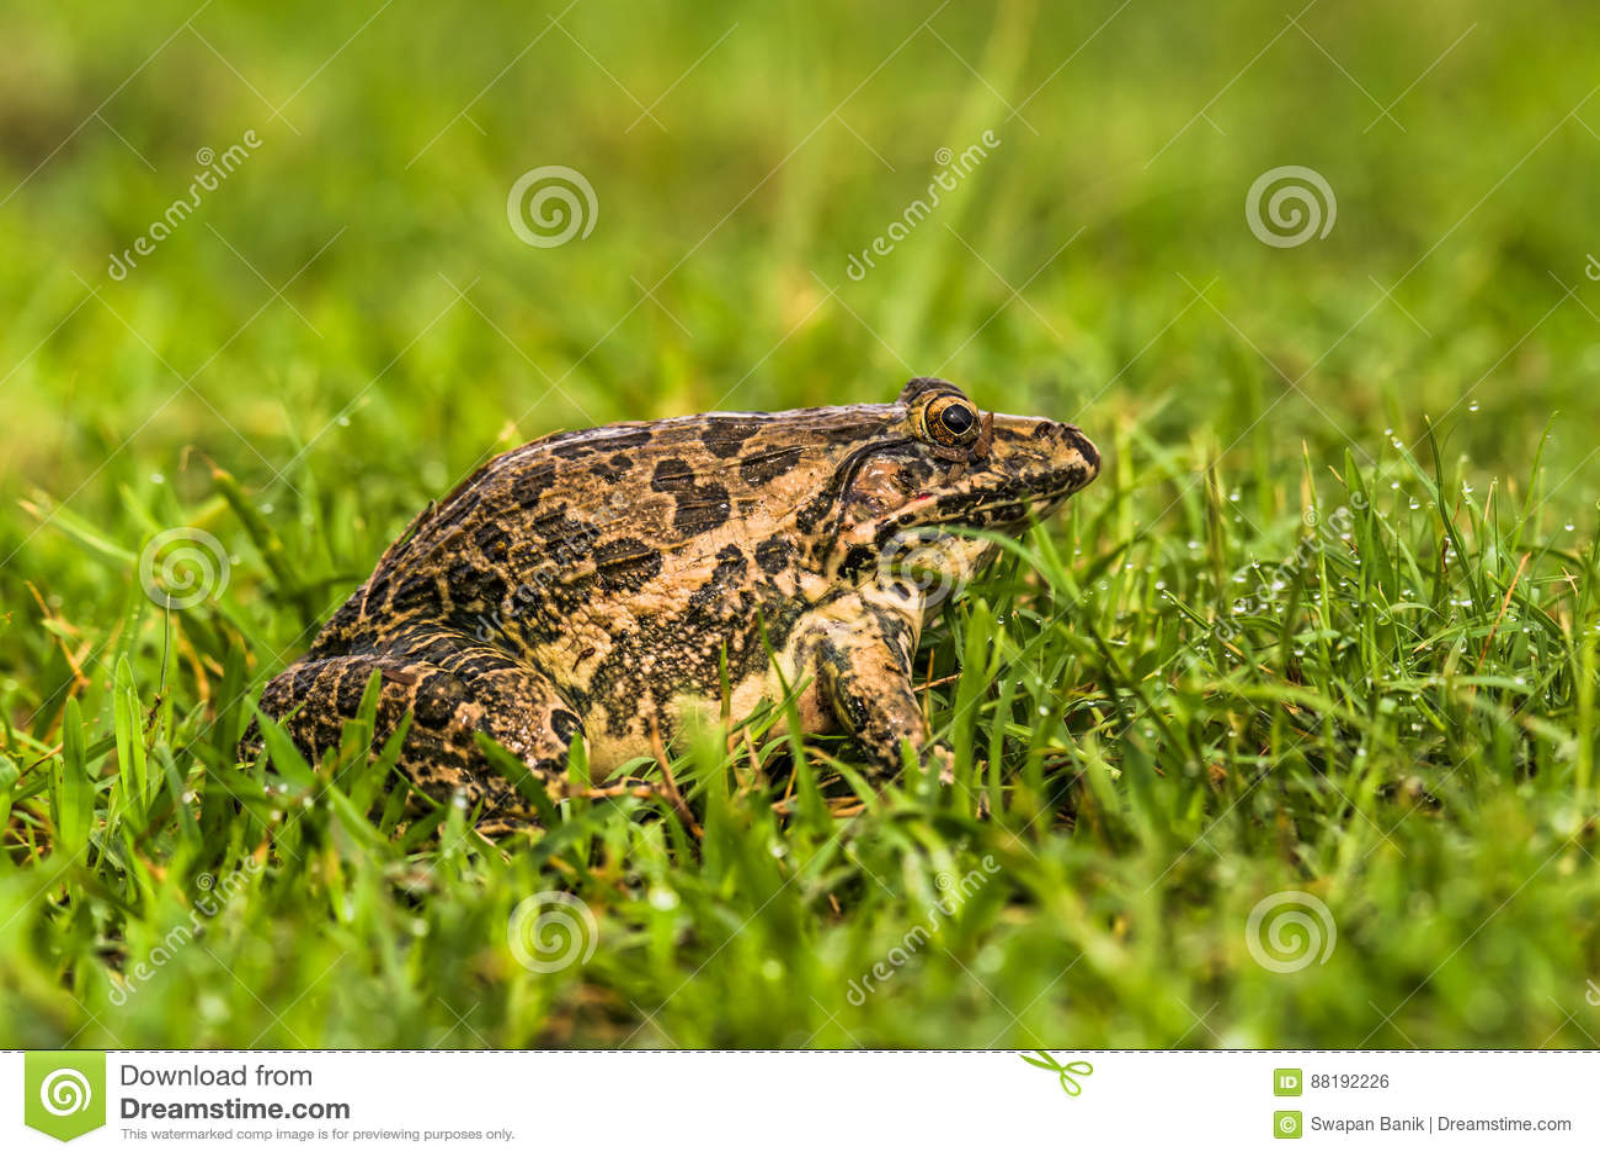 Индийский лягушка-бык